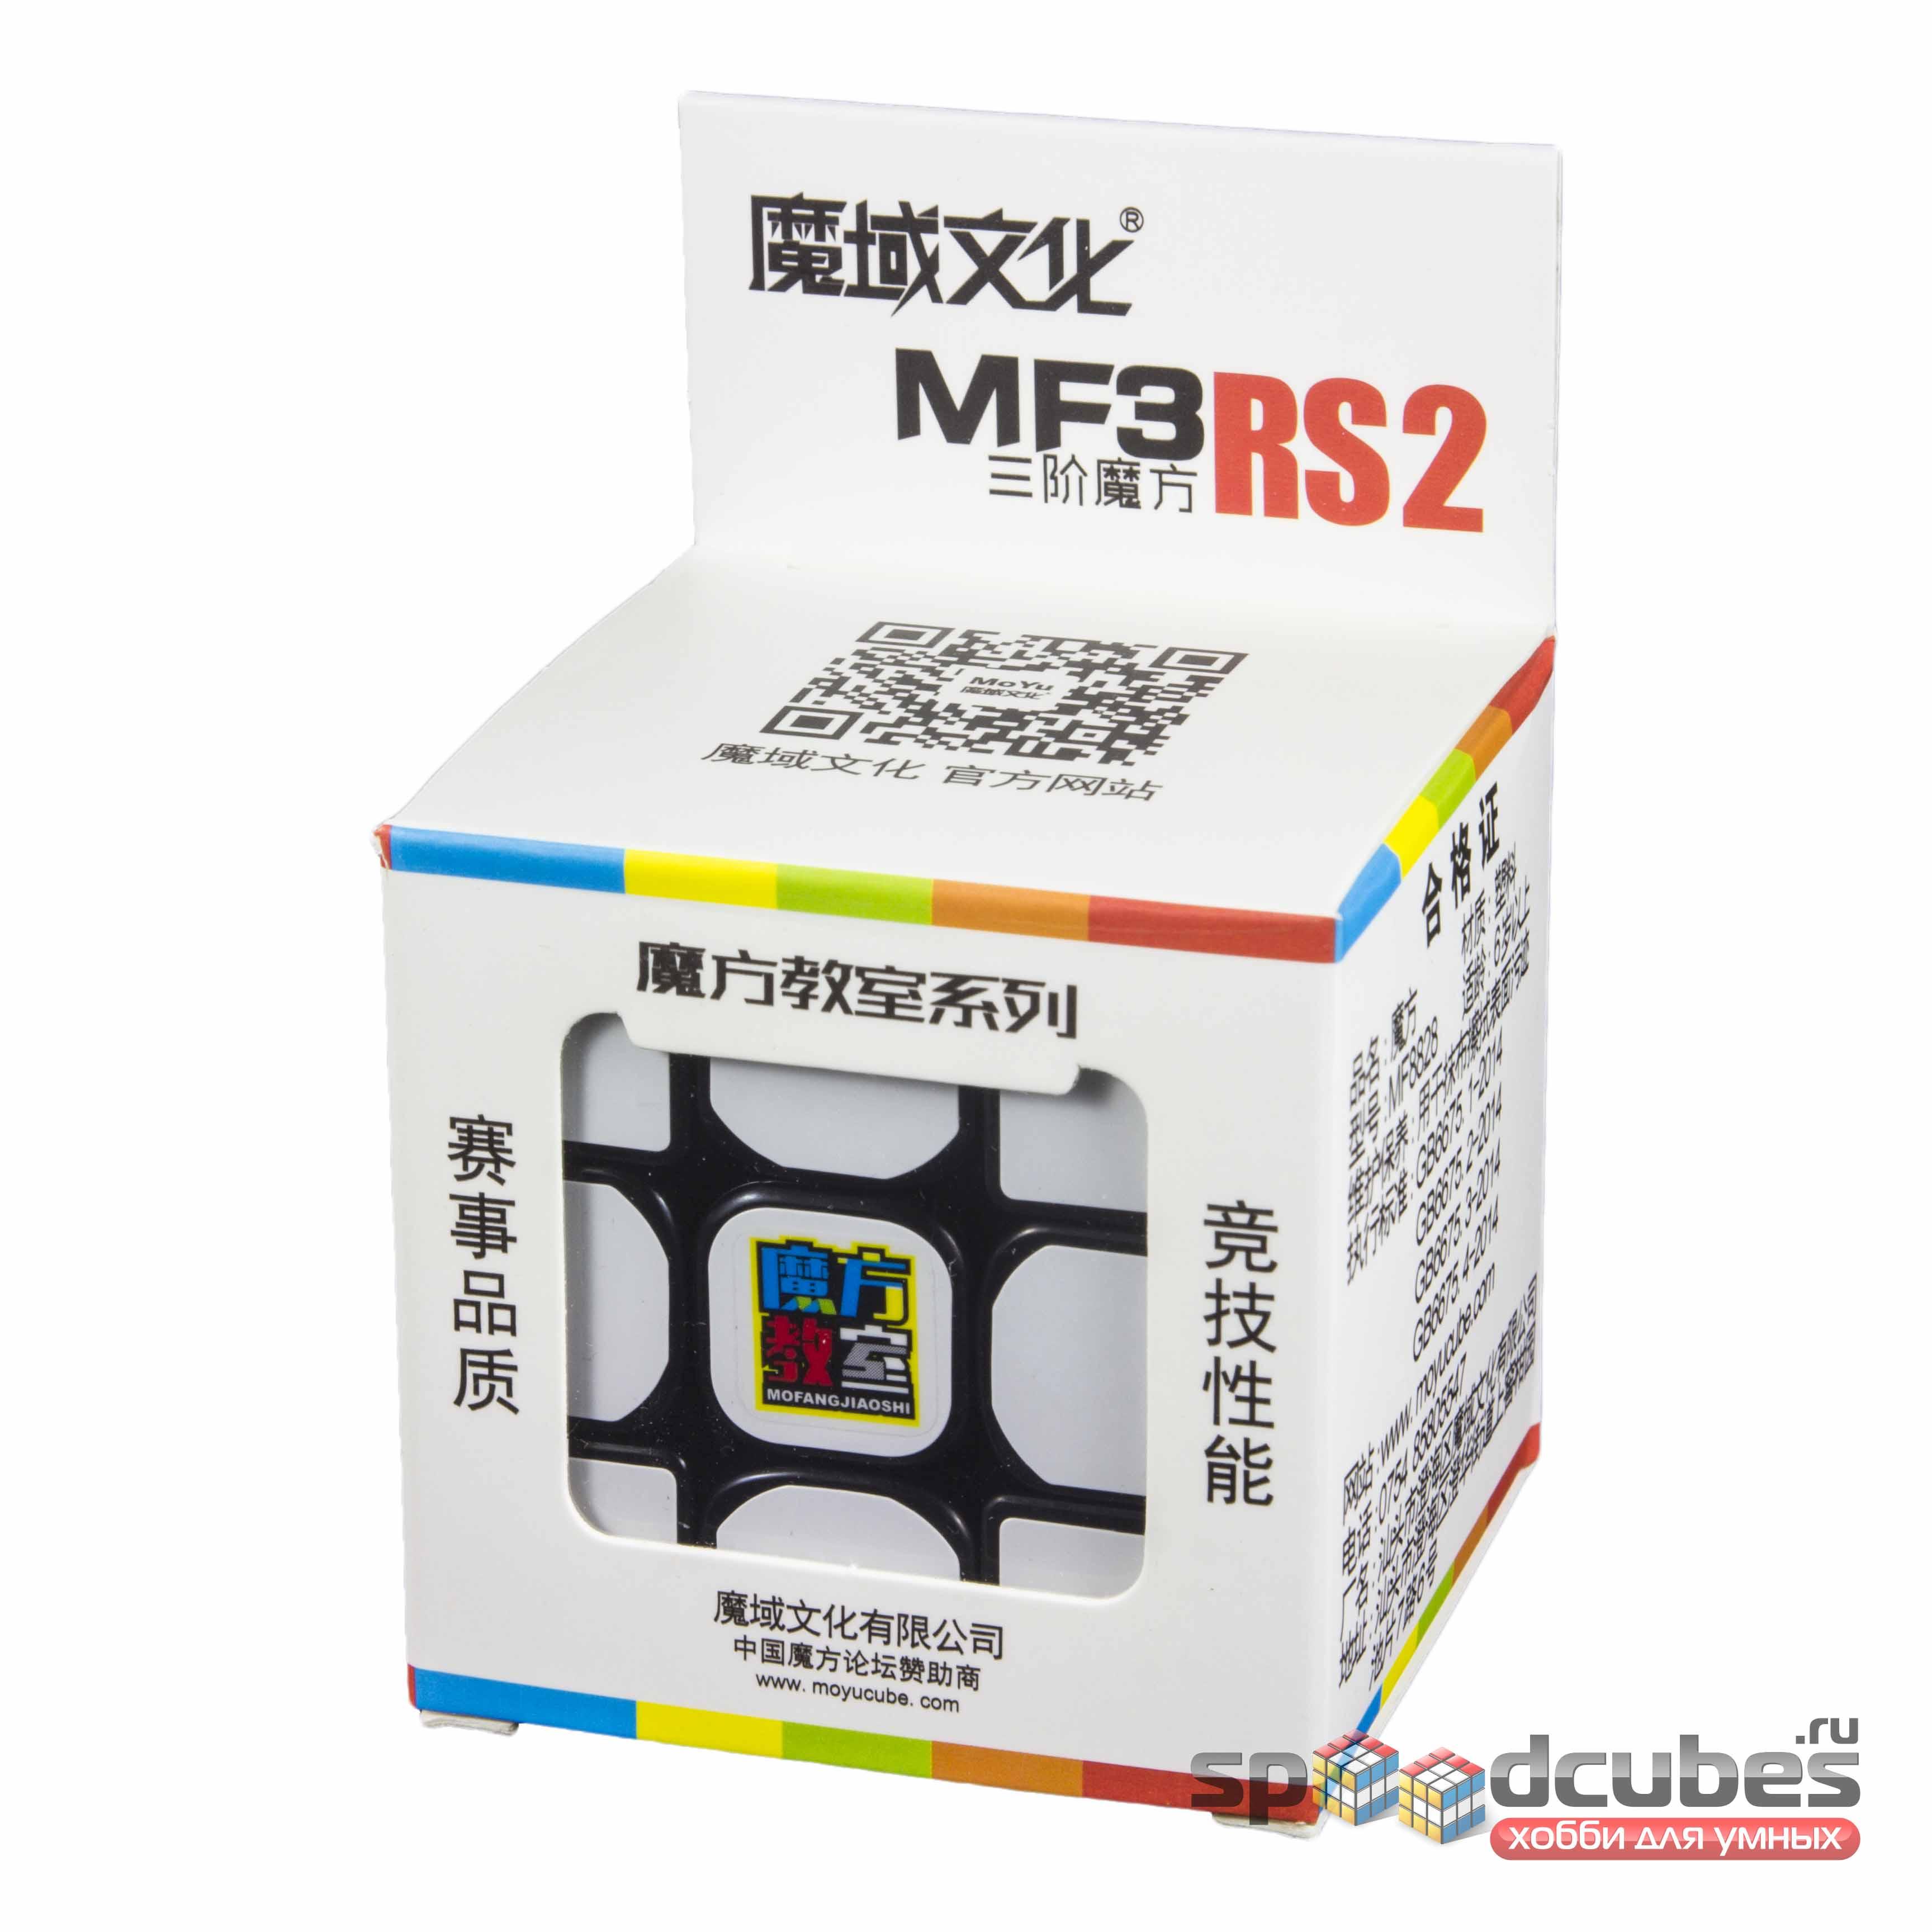 Moyu 3x3x3 Mofangjiaoshi Mf3rs2 Black 1